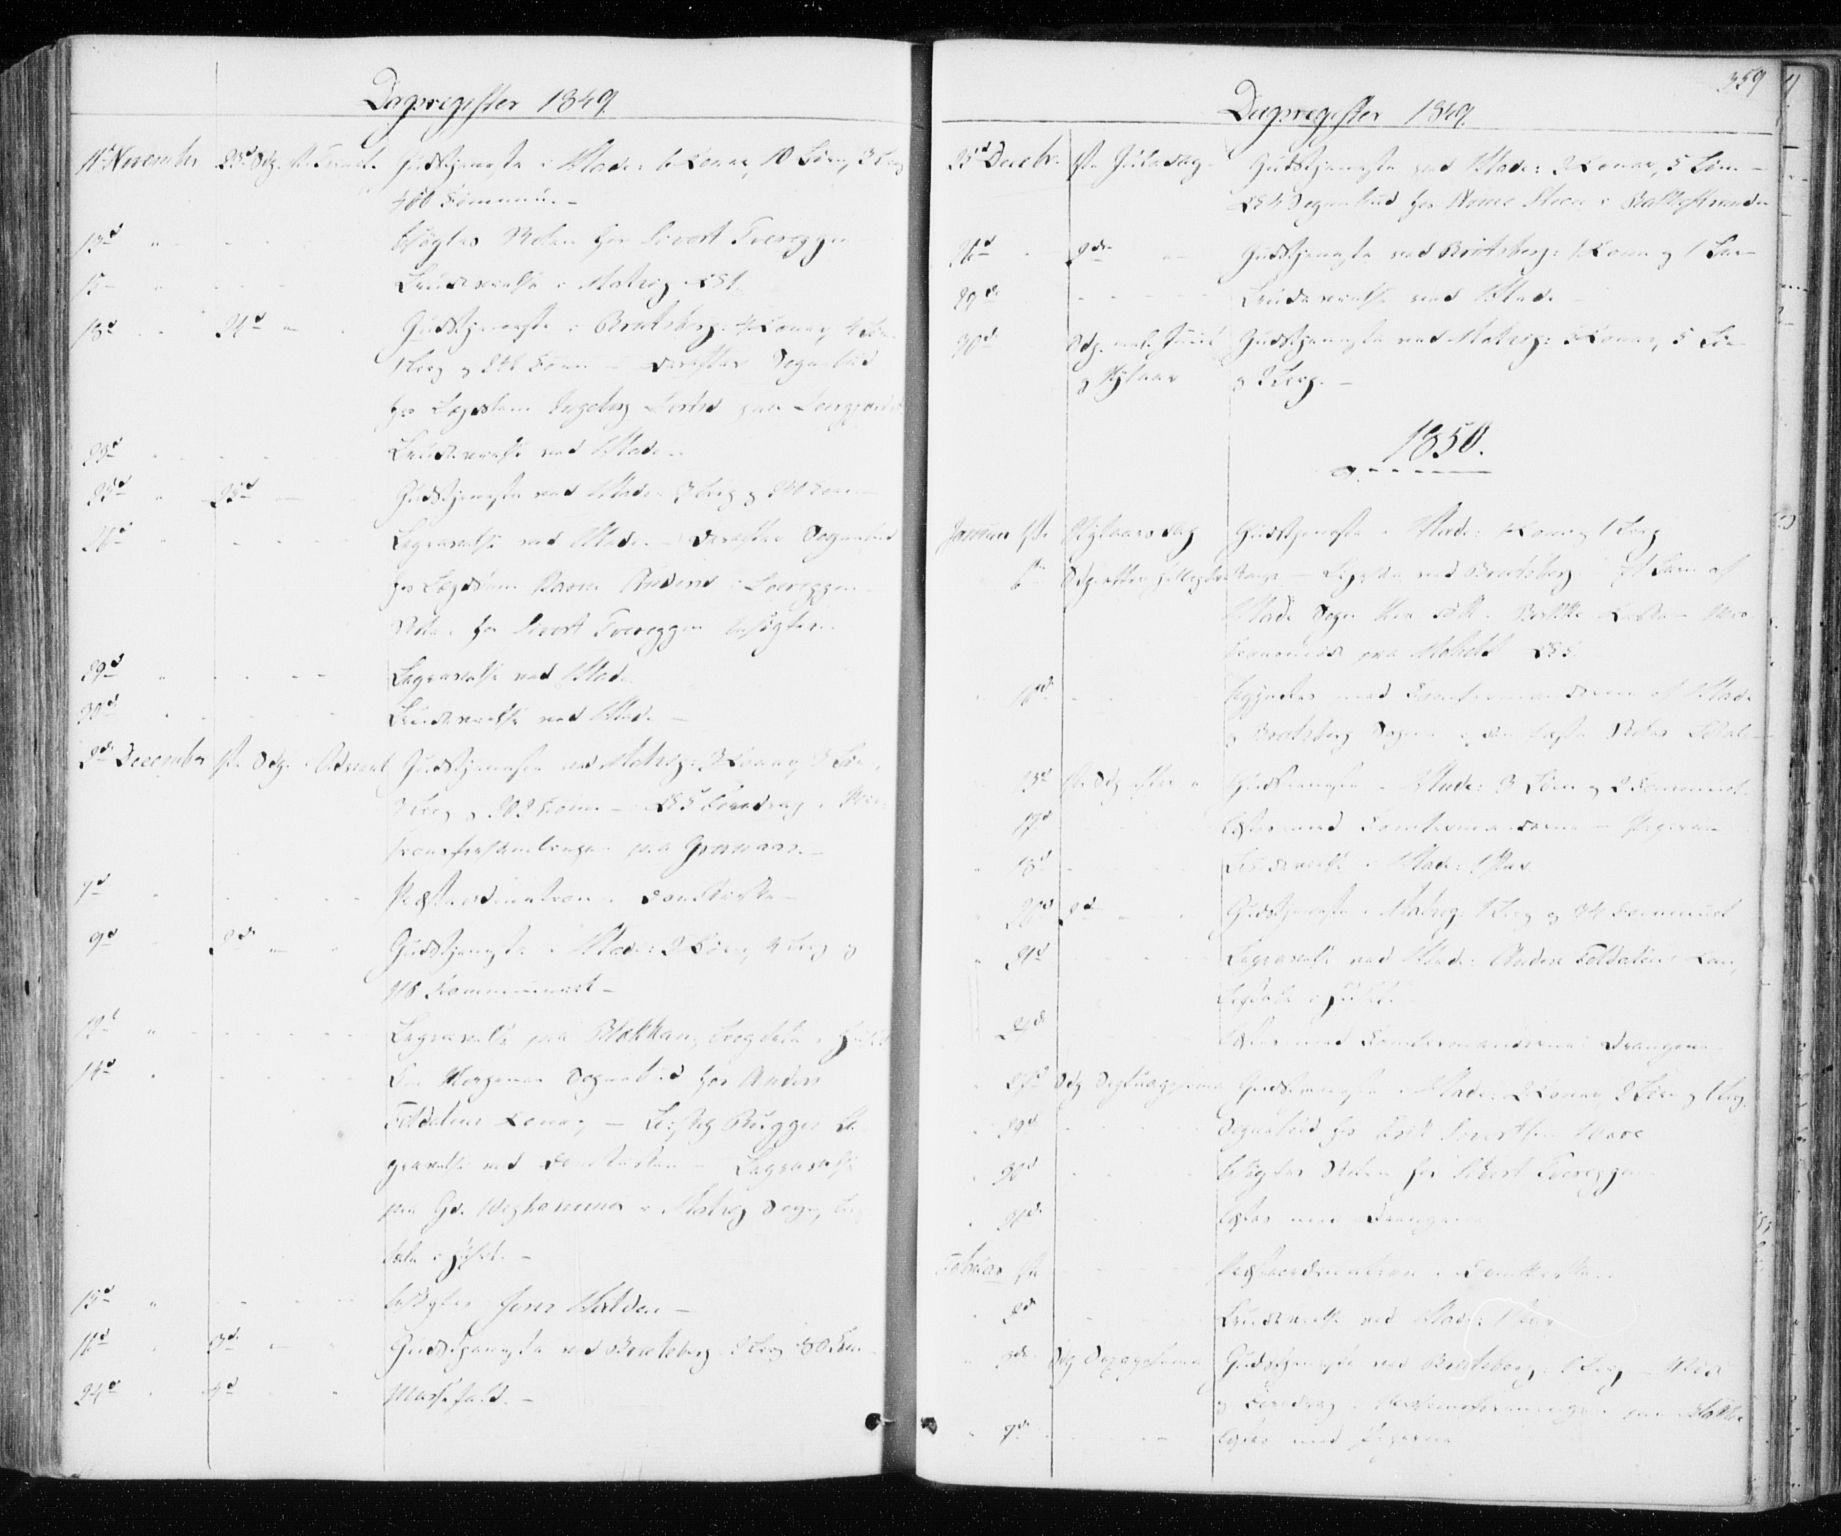 SAT, Ministerialprotokoller, klokkerbøker og fødselsregistre - Sør-Trøndelag, 606/L0291: Ministerialbok nr. 606A06, 1848-1856, s. 359